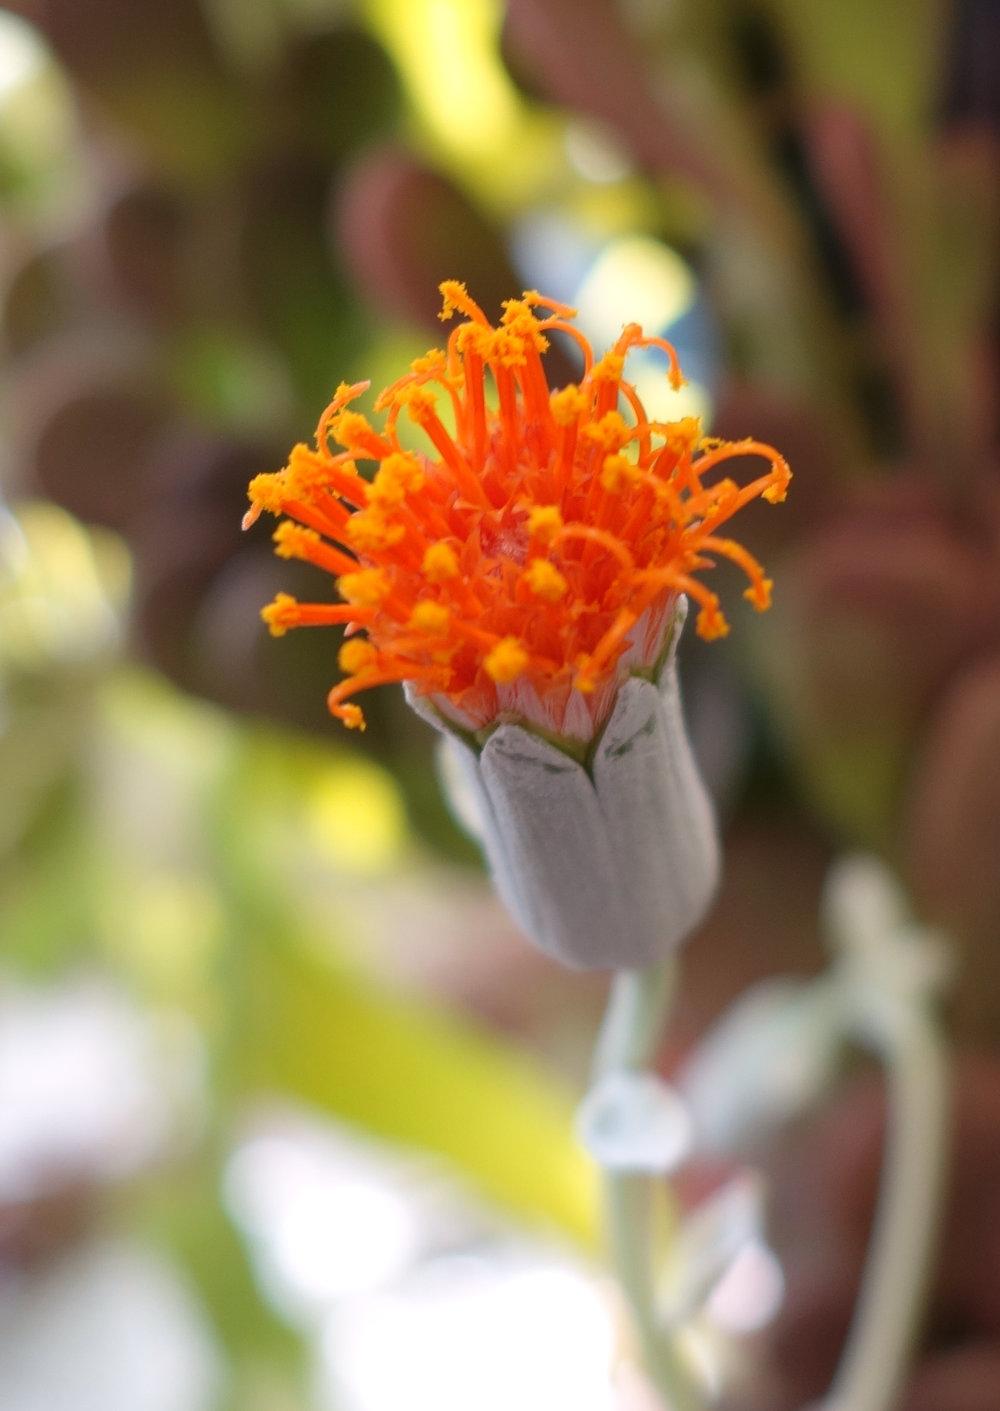 Senecio jacobsenii flower 11-16-17.jpg